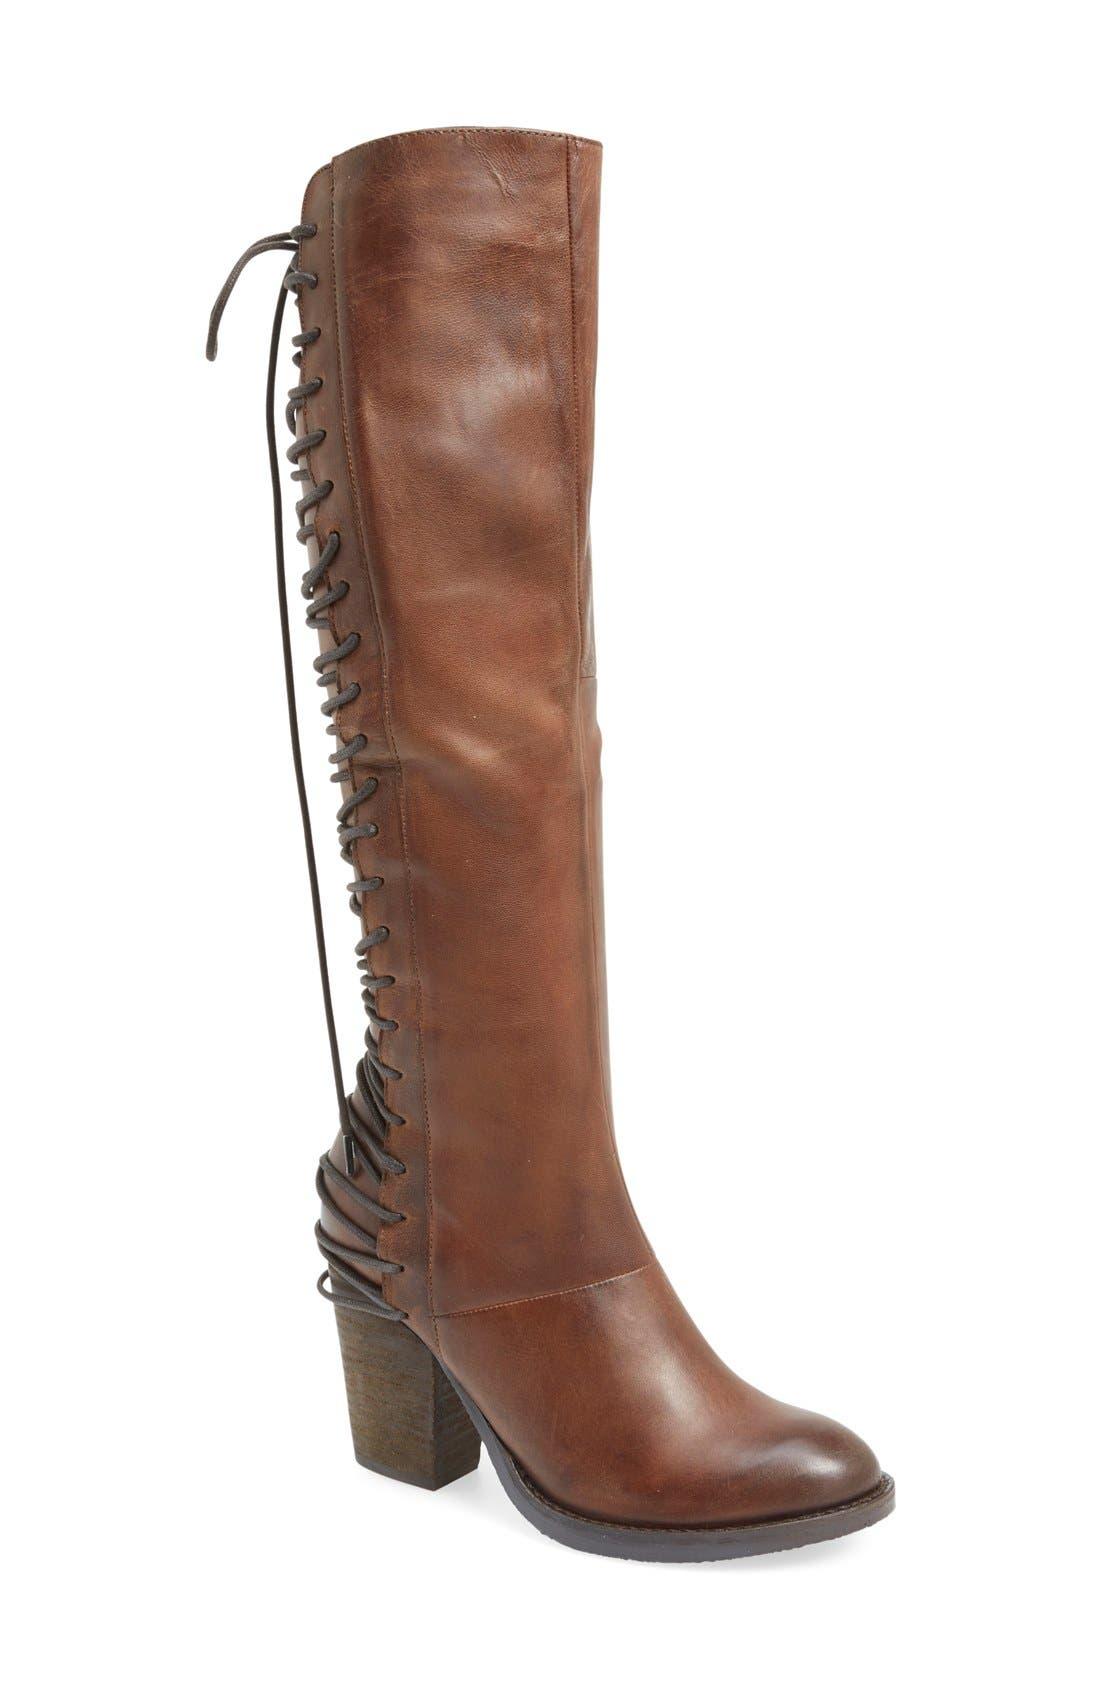 Alternate Image 1 Selected - Steve Madden 'Rikter' Knee High Boot (Women)